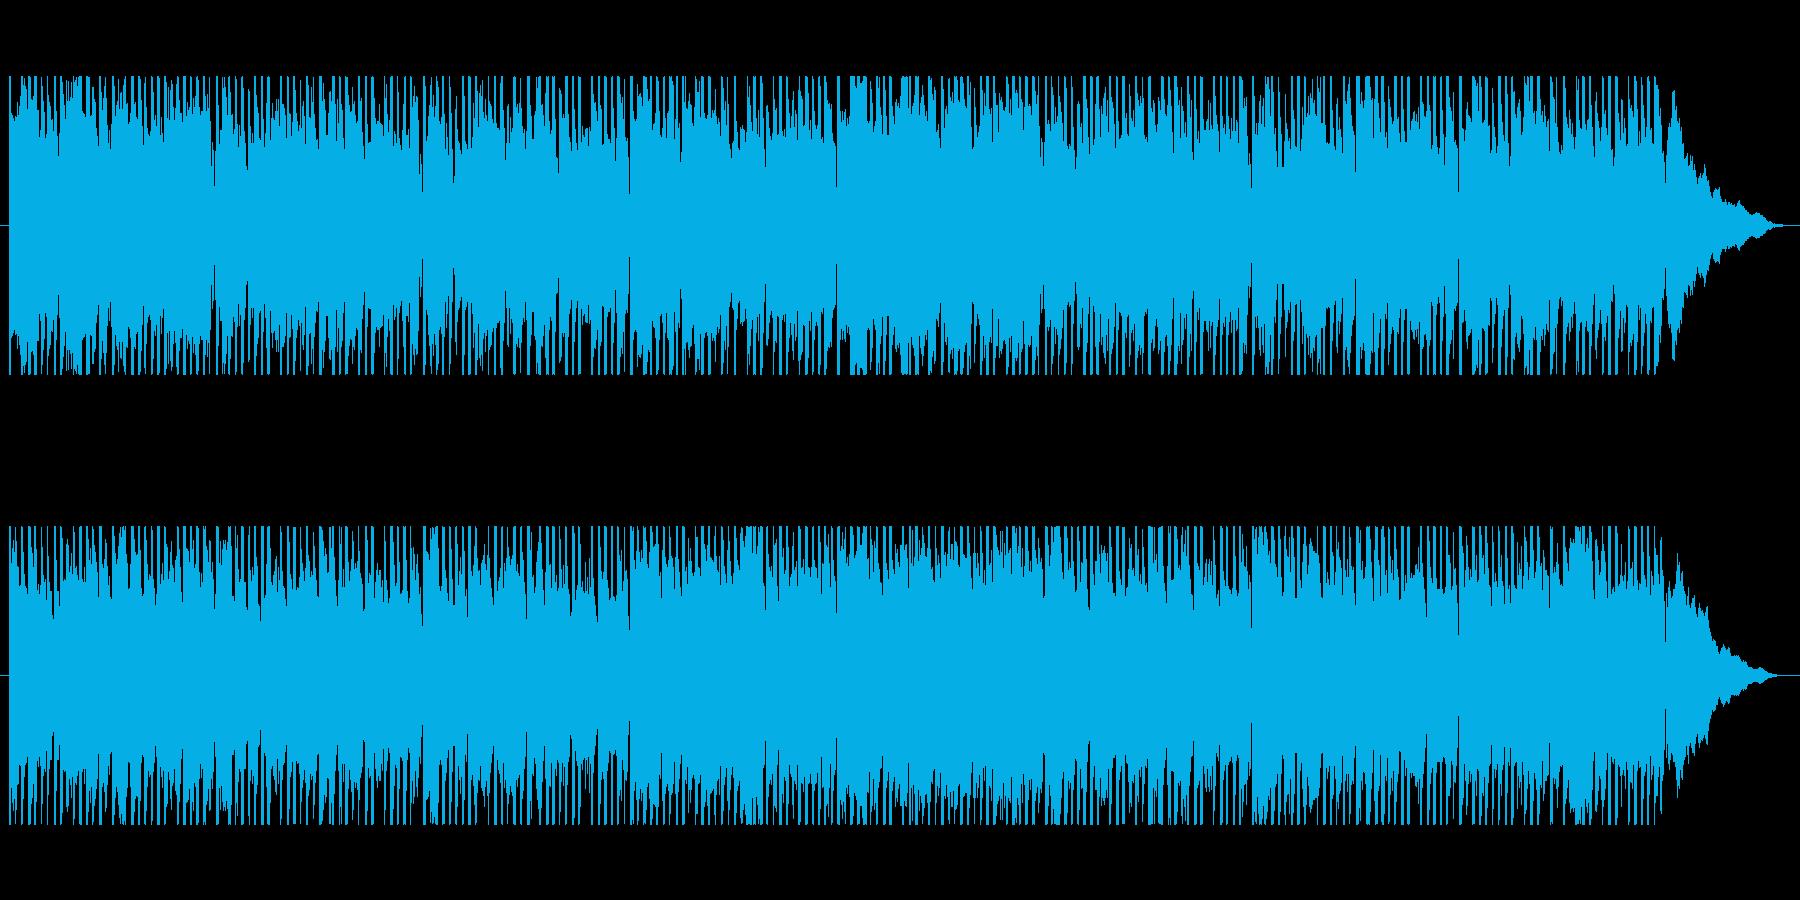 ラテンふわふわゆる系パーカッション入の再生済みの波形